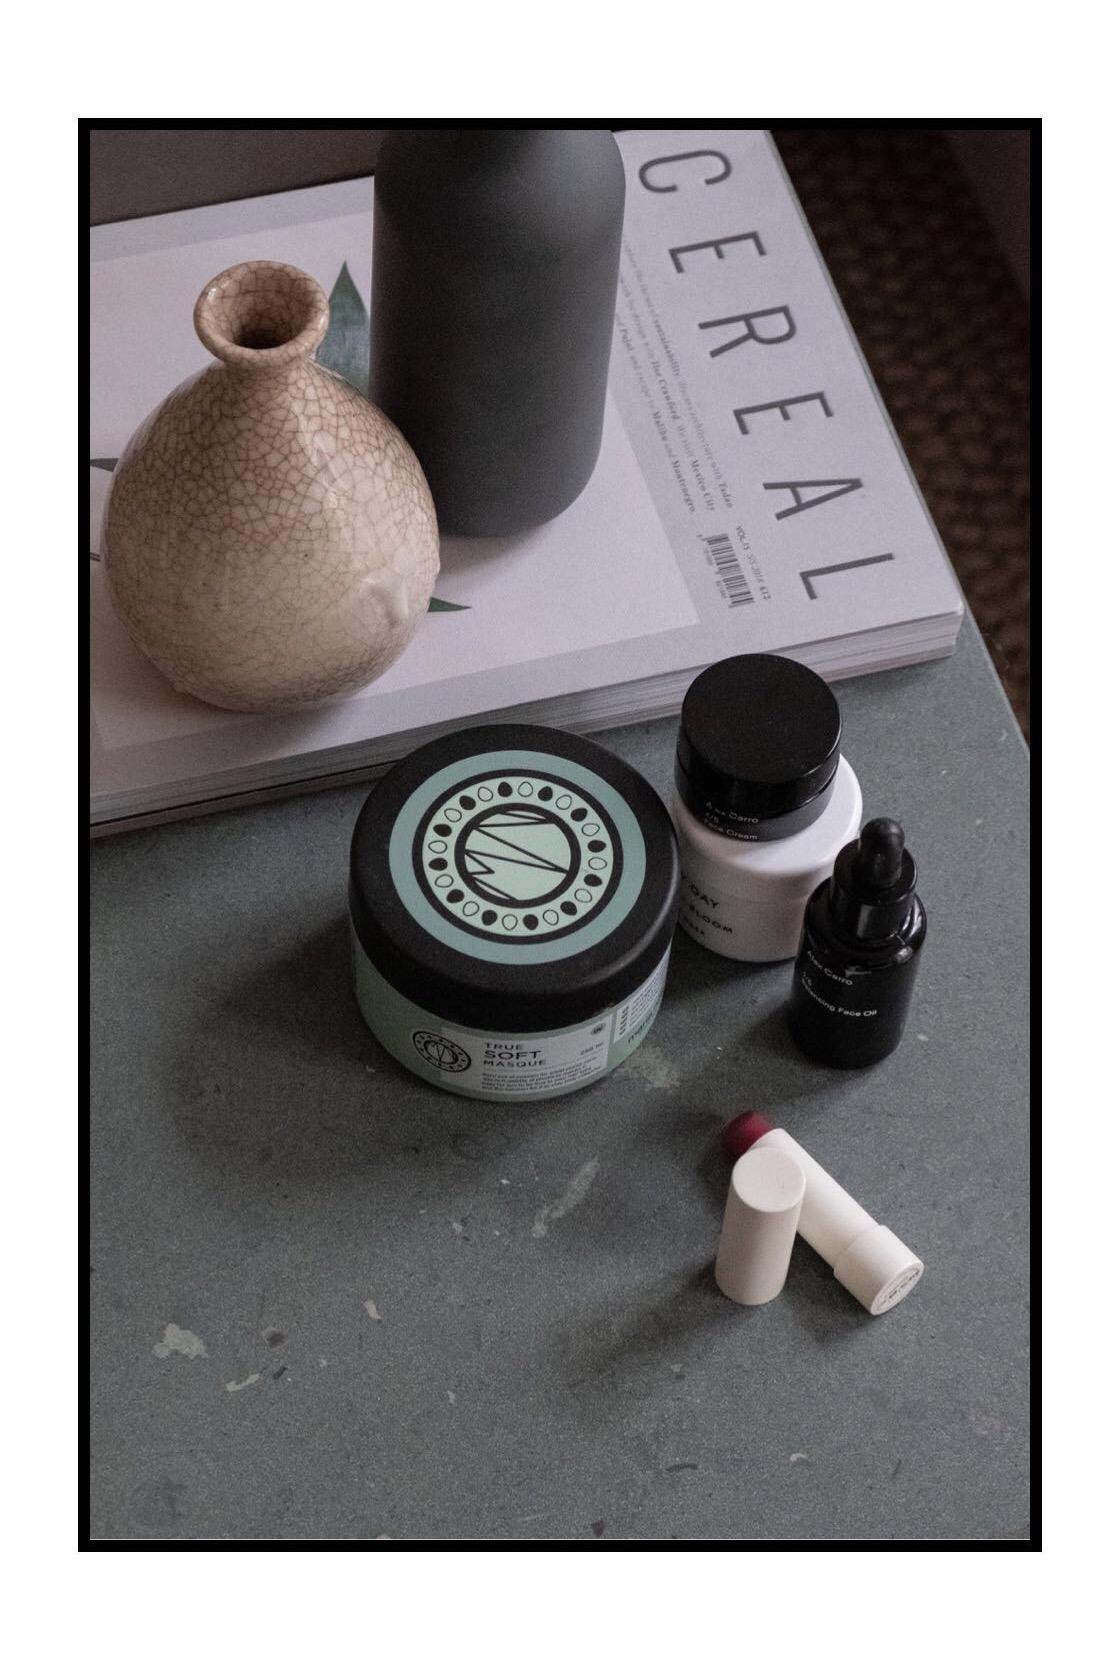 Beautyblog Nachchaltigkeit in der Kosmetik